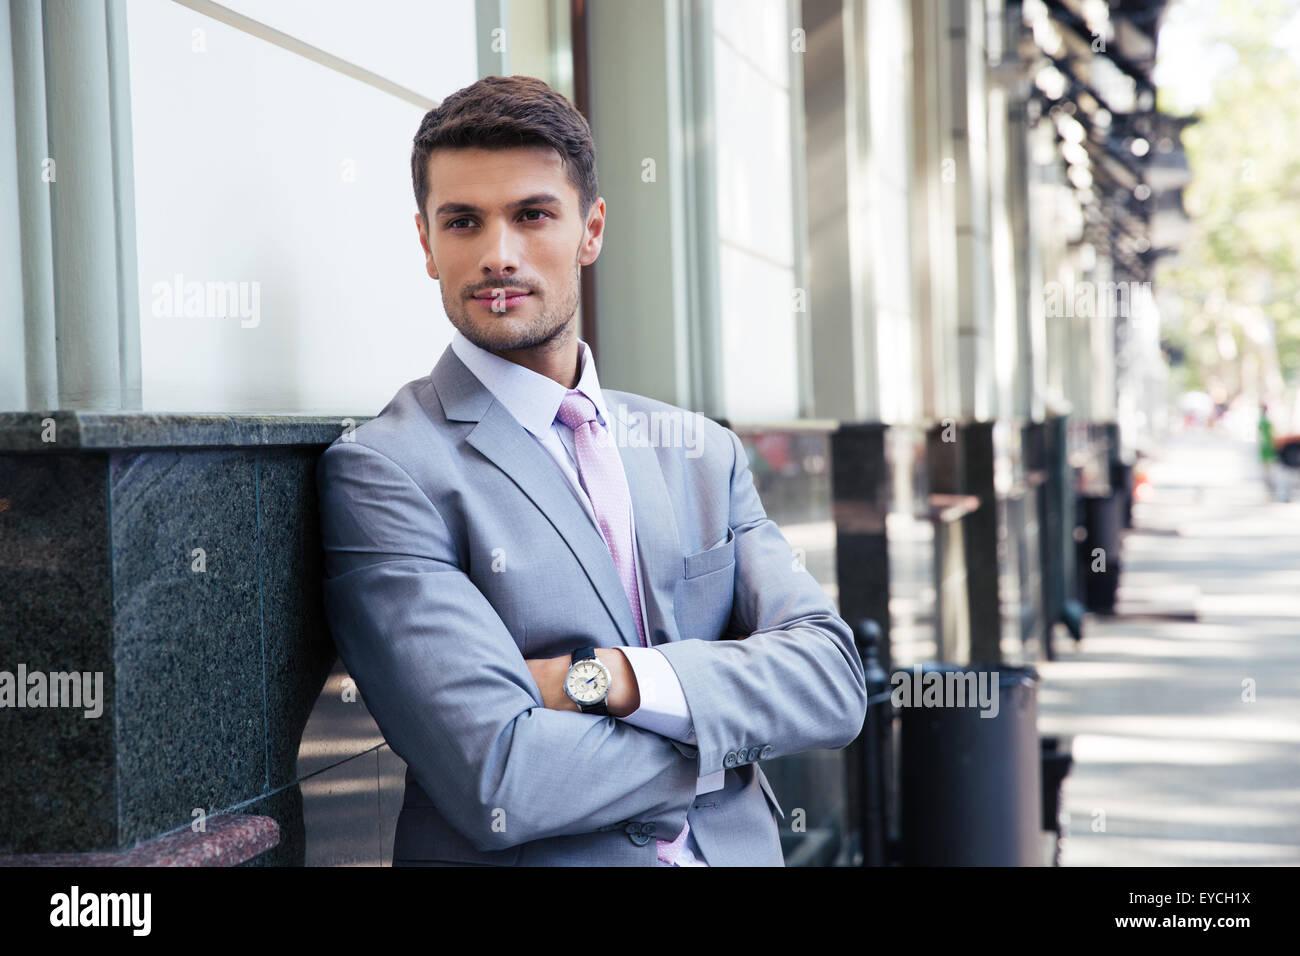 Porträt eines schönen Geschäftsmann mit Arme gefaltetes stehen draußen in der Stadt Stockbild